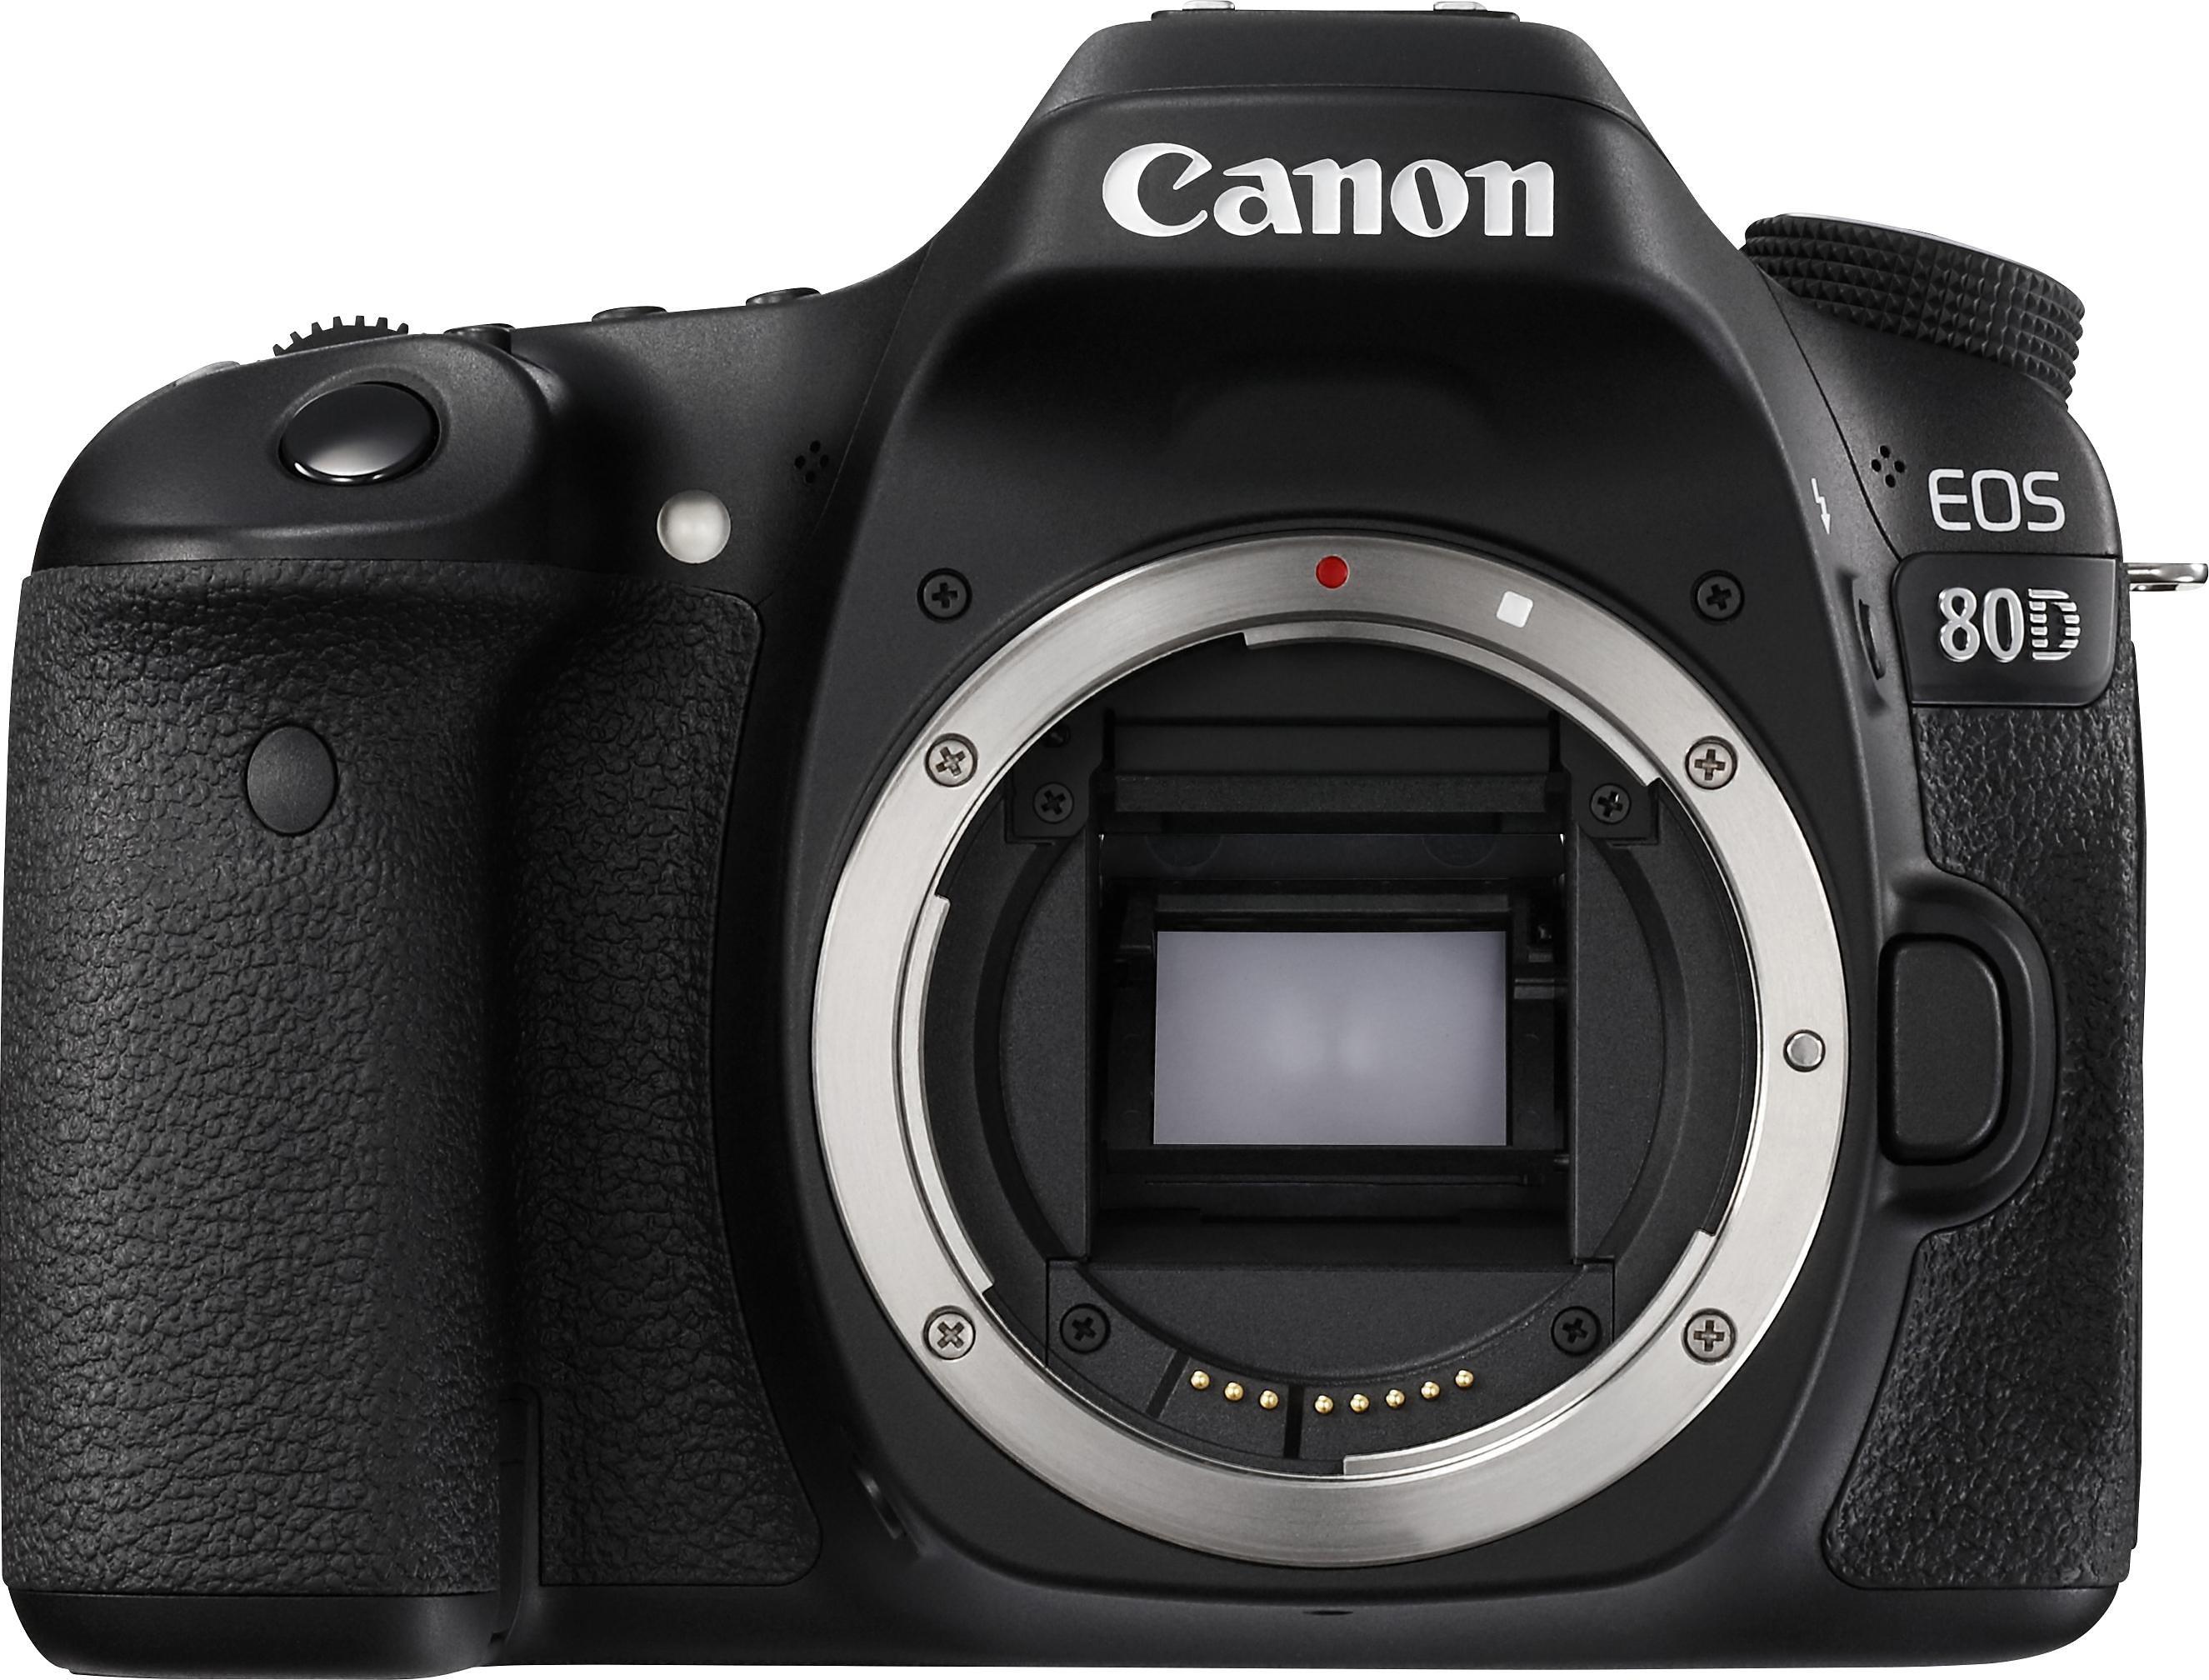 EOS 80D Body Spiegelreflex Kamera 24 2 Megapixel 7 7 cm